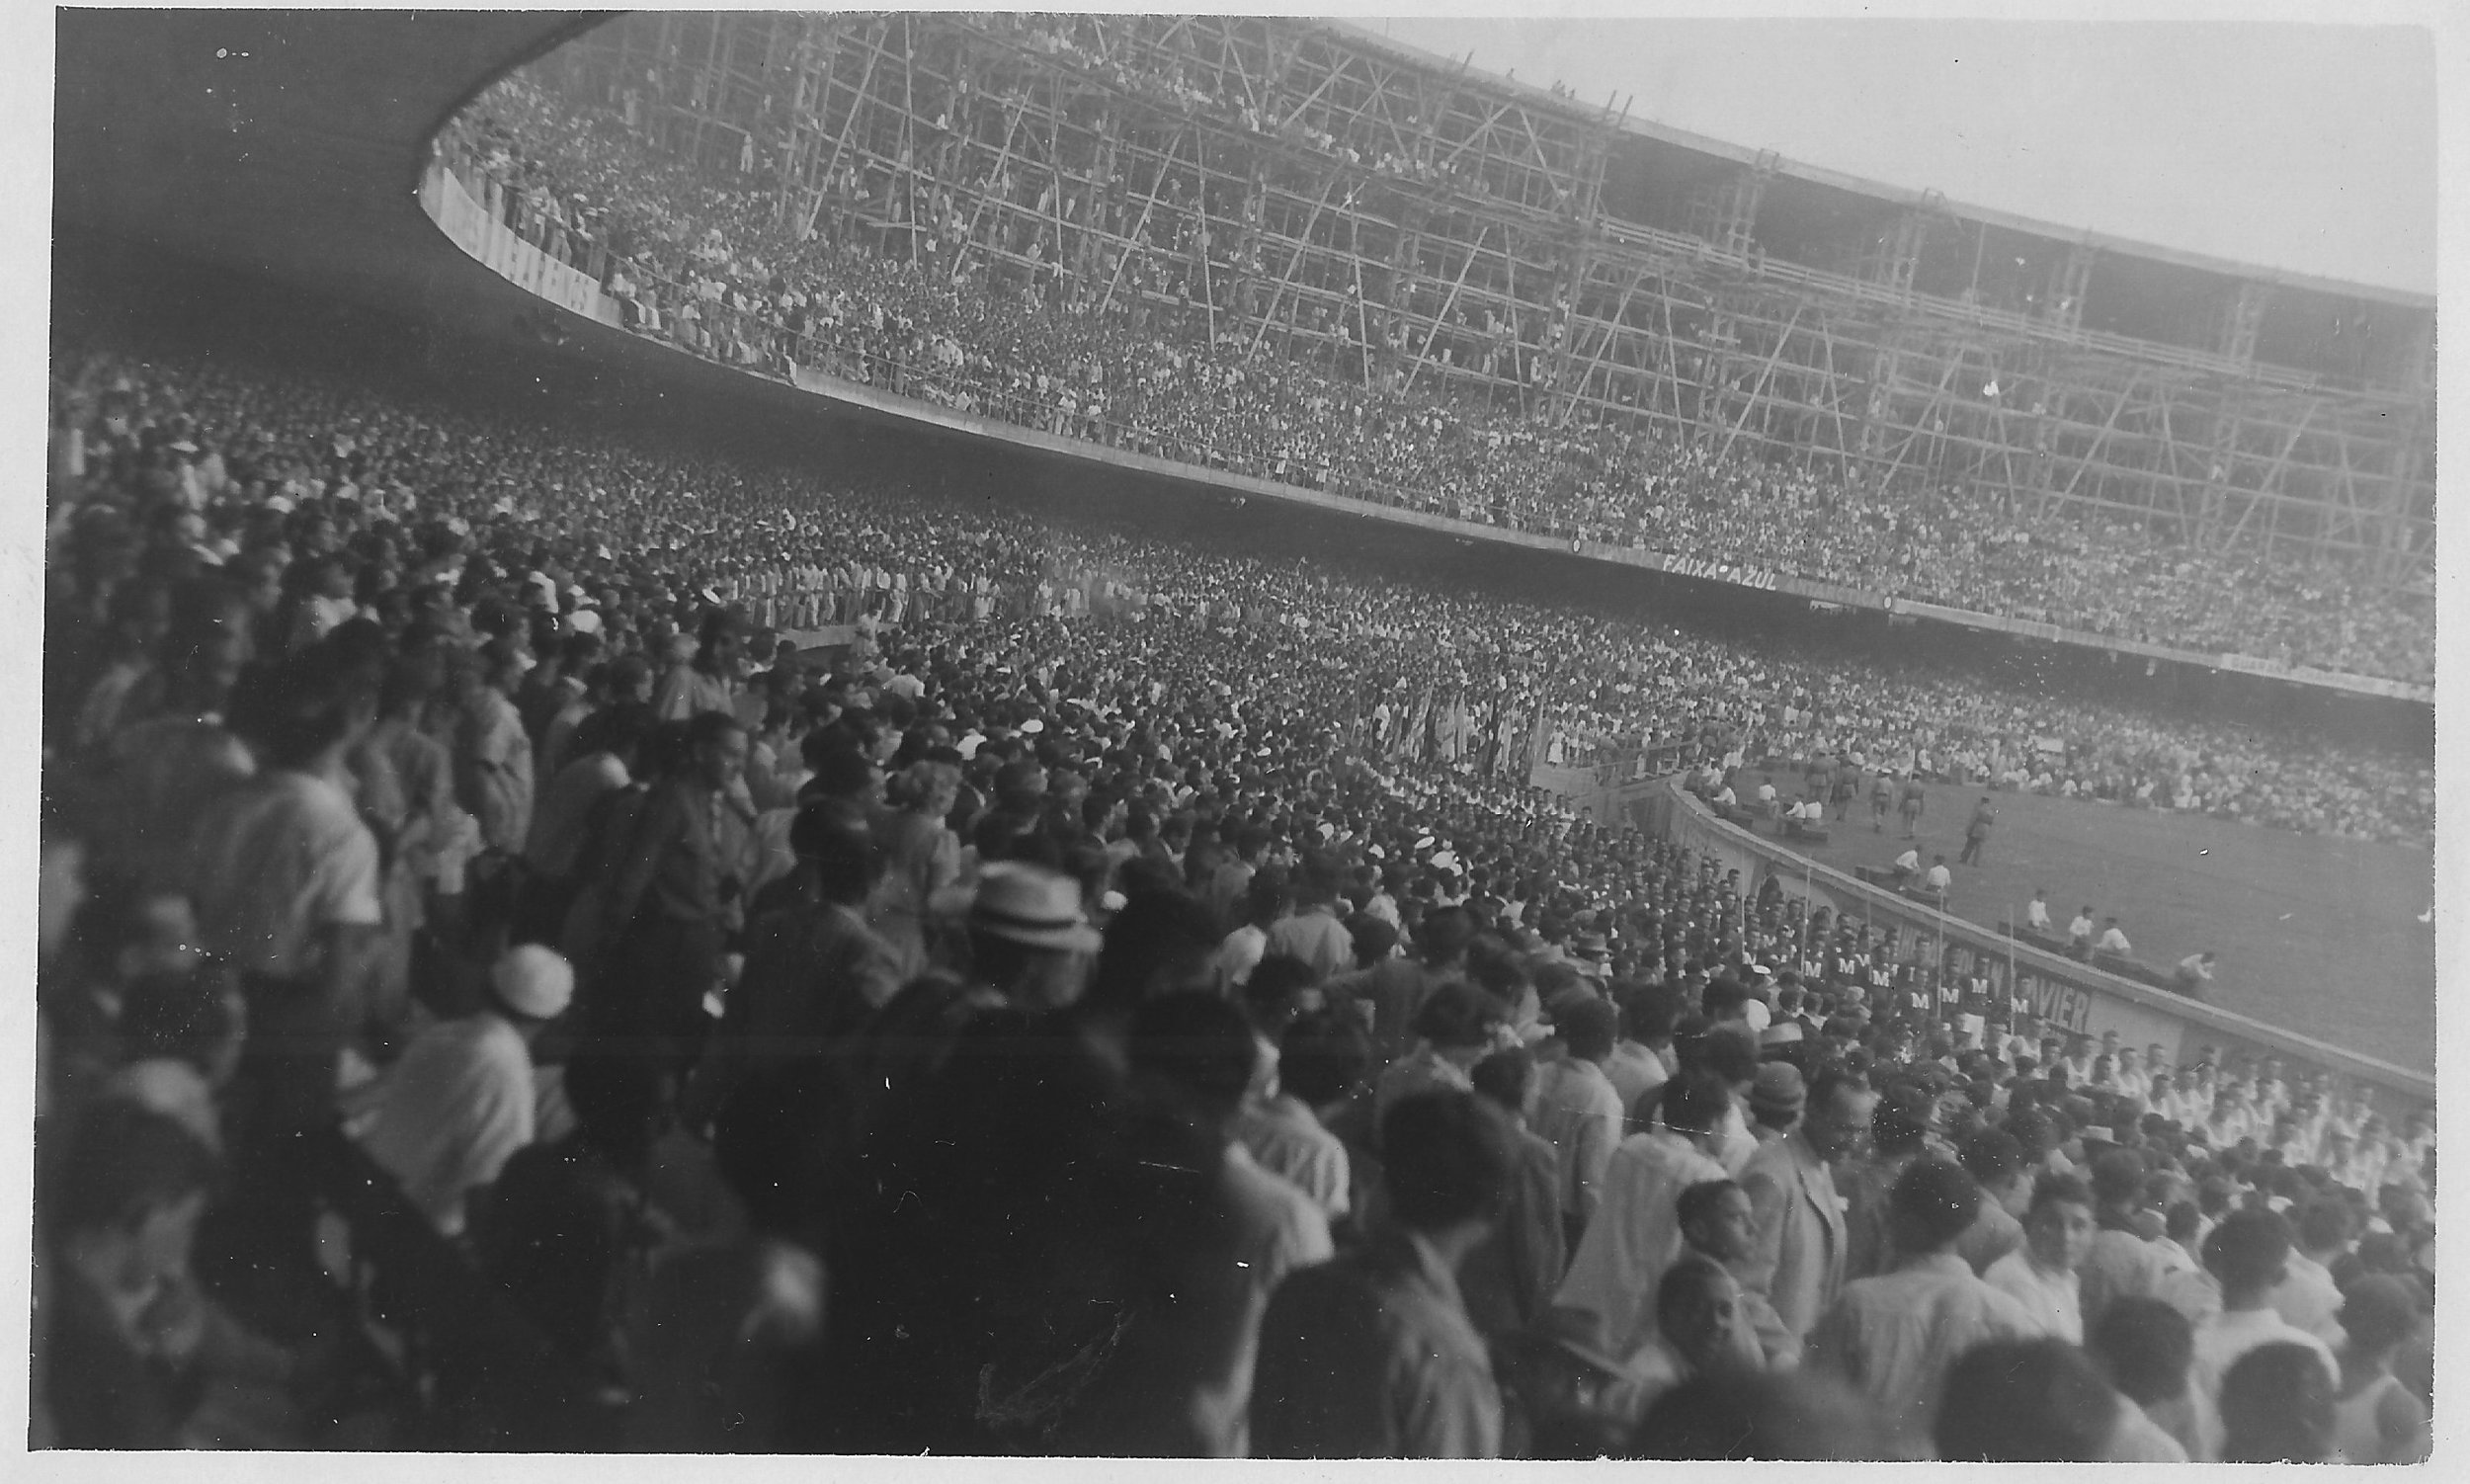 Οι φίλαθλοι στις εξέδρες του τελικού του 1950 στο Maracana